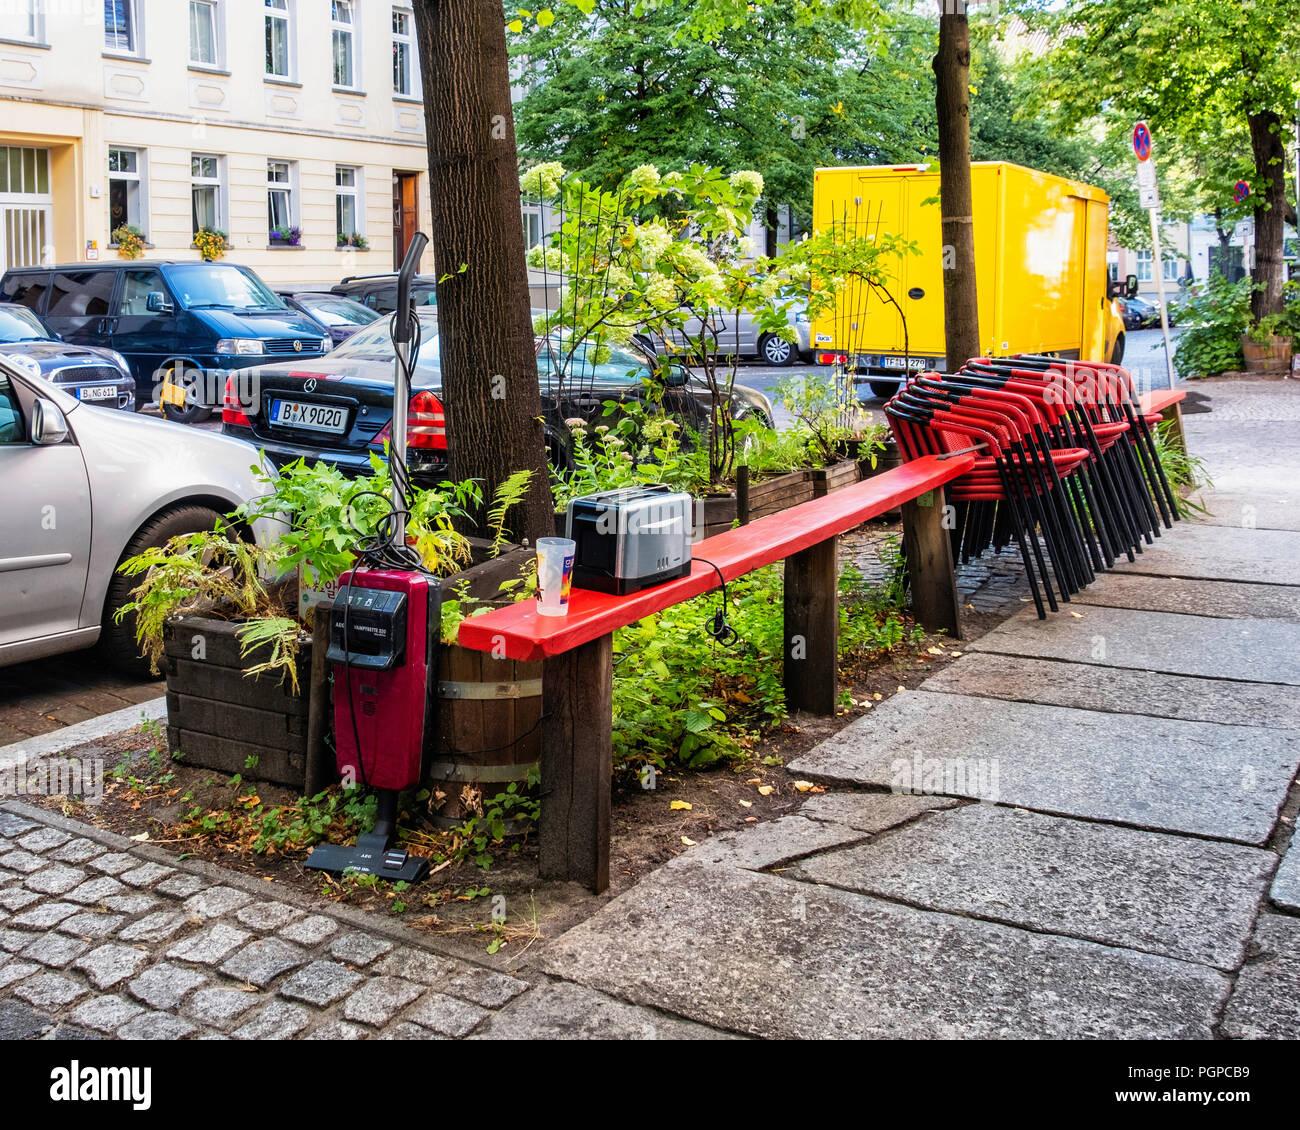 Berlin Mitte Urban Street View Abandoned Vacuum Cleaner